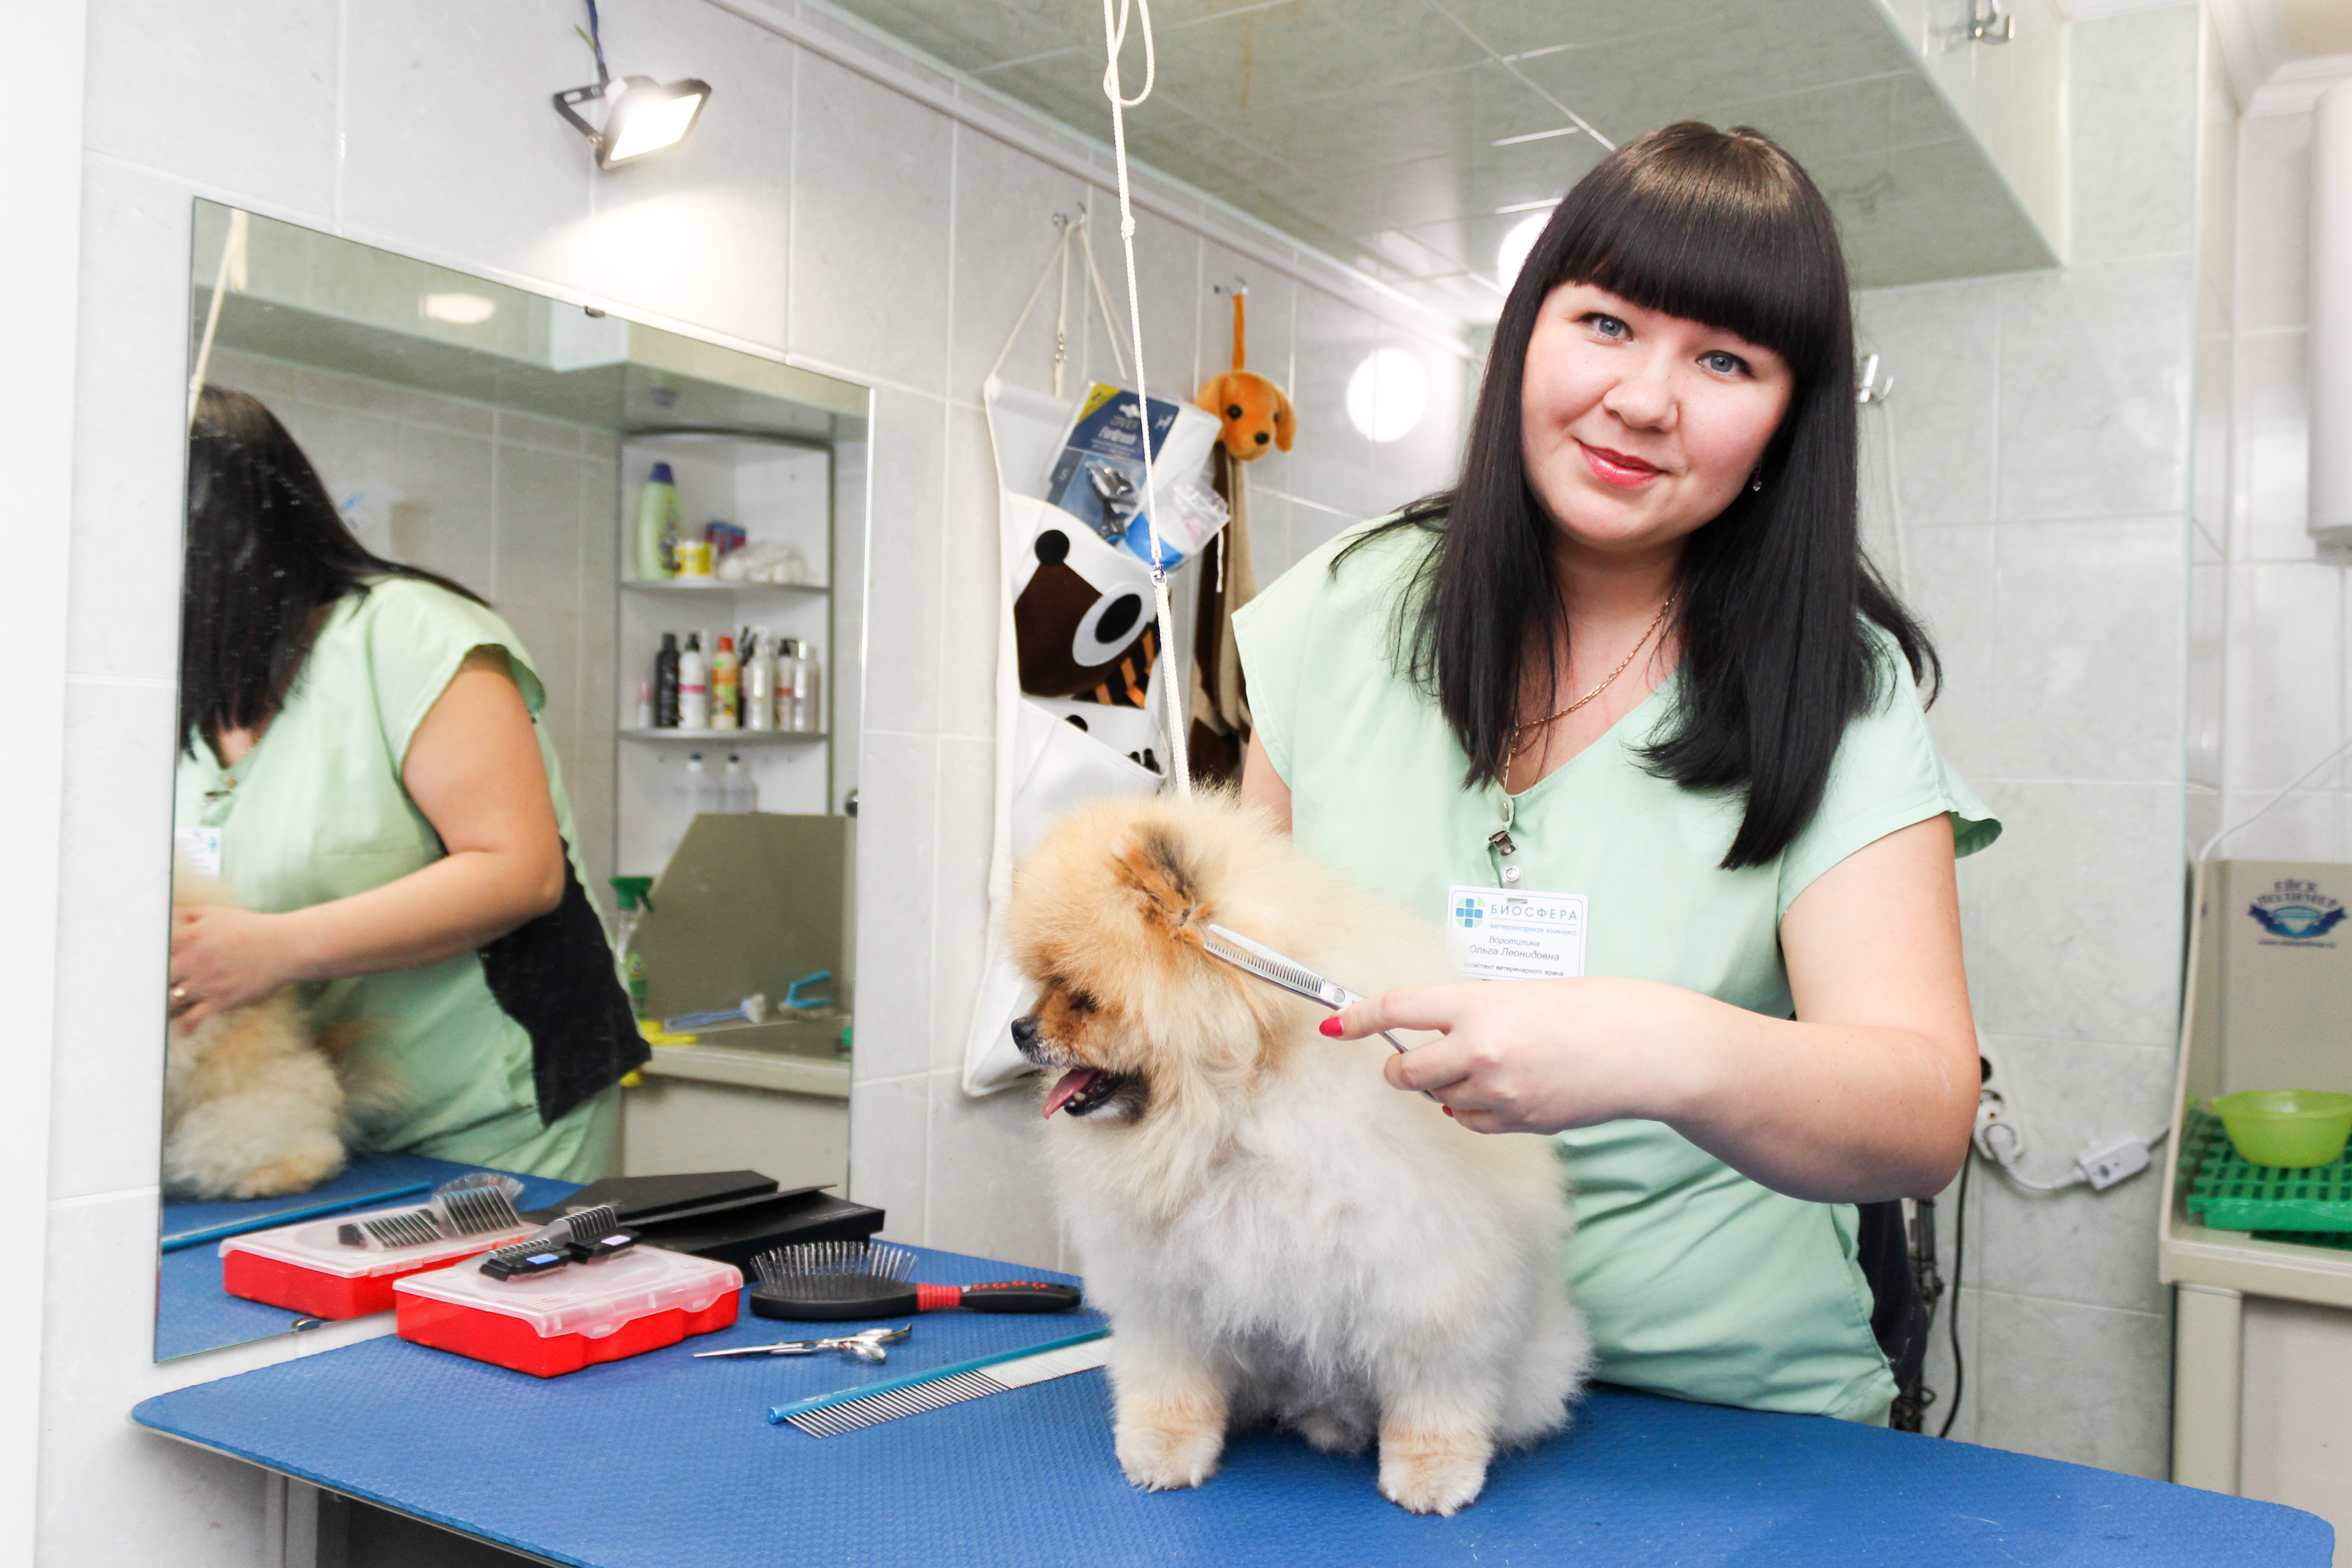 Красоту домашних животных доверяйте профессионалам